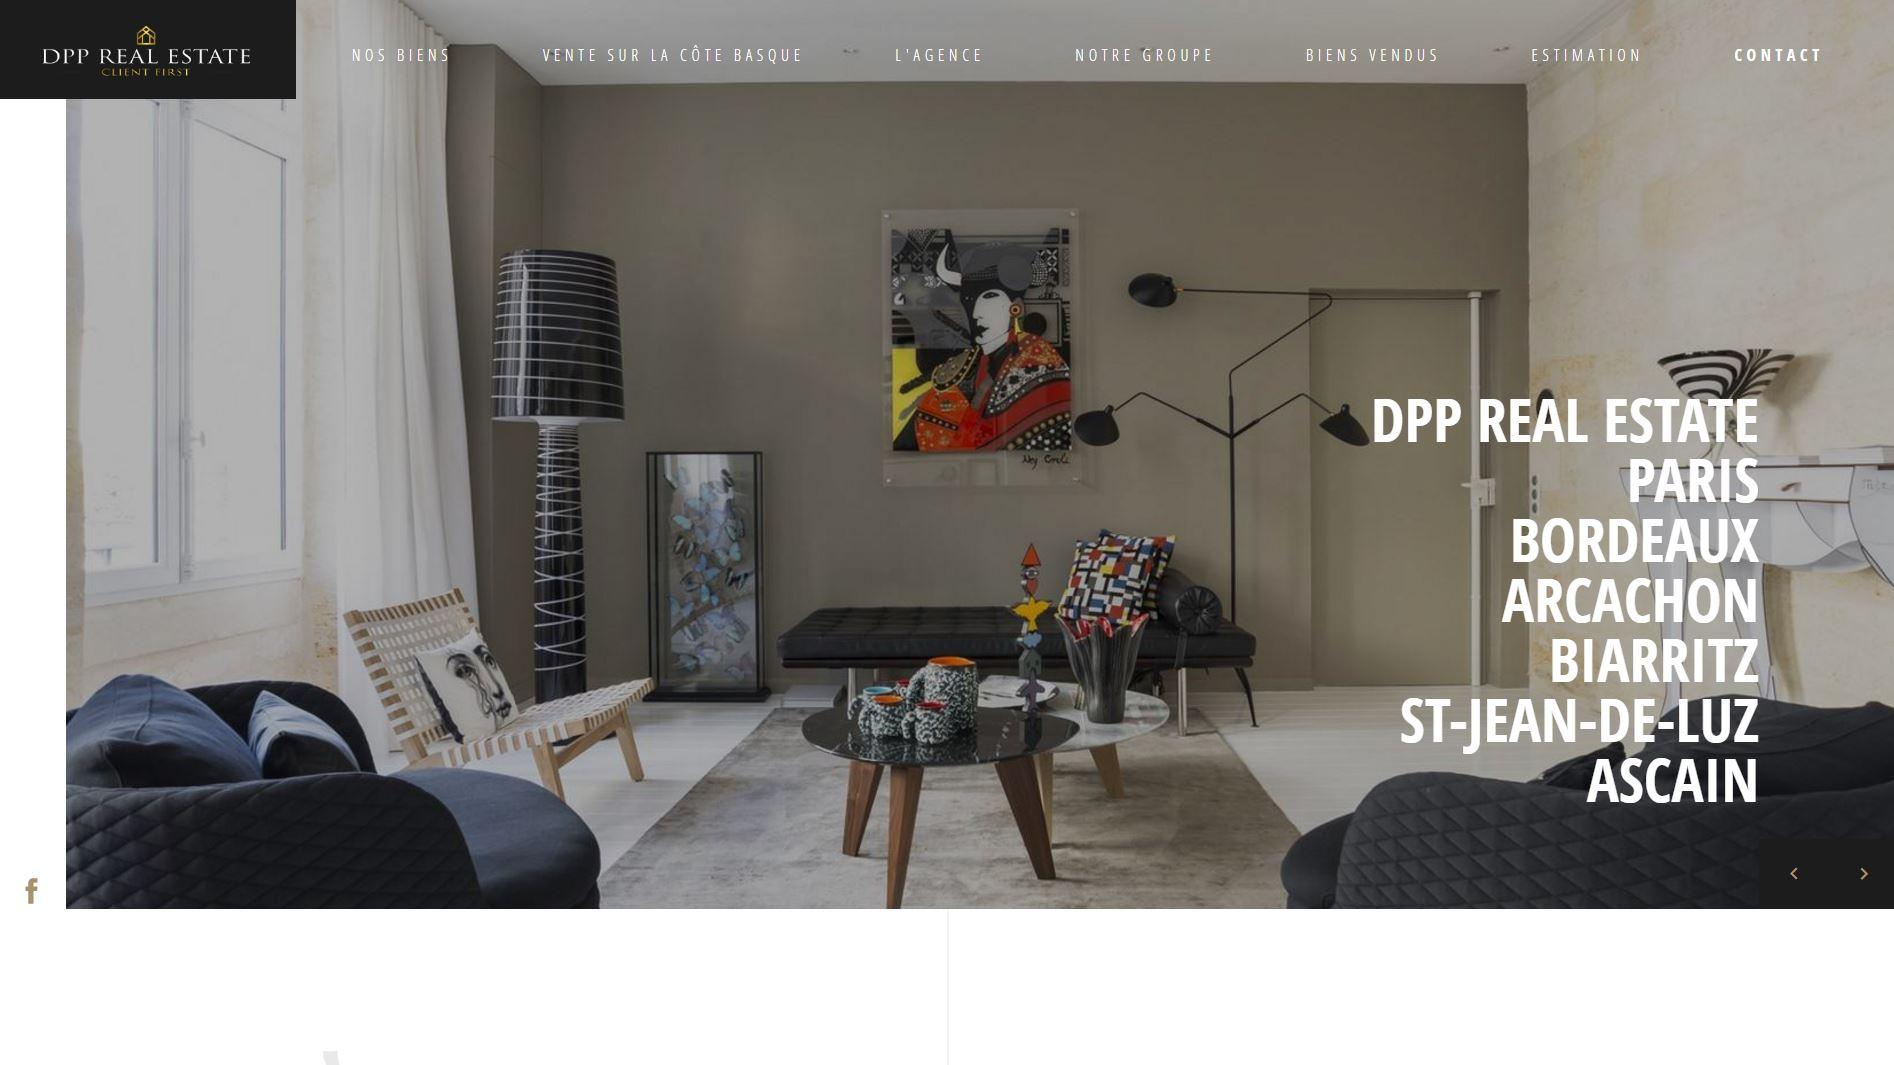 Vente de maisons et appartements atypiques à Bordeaux